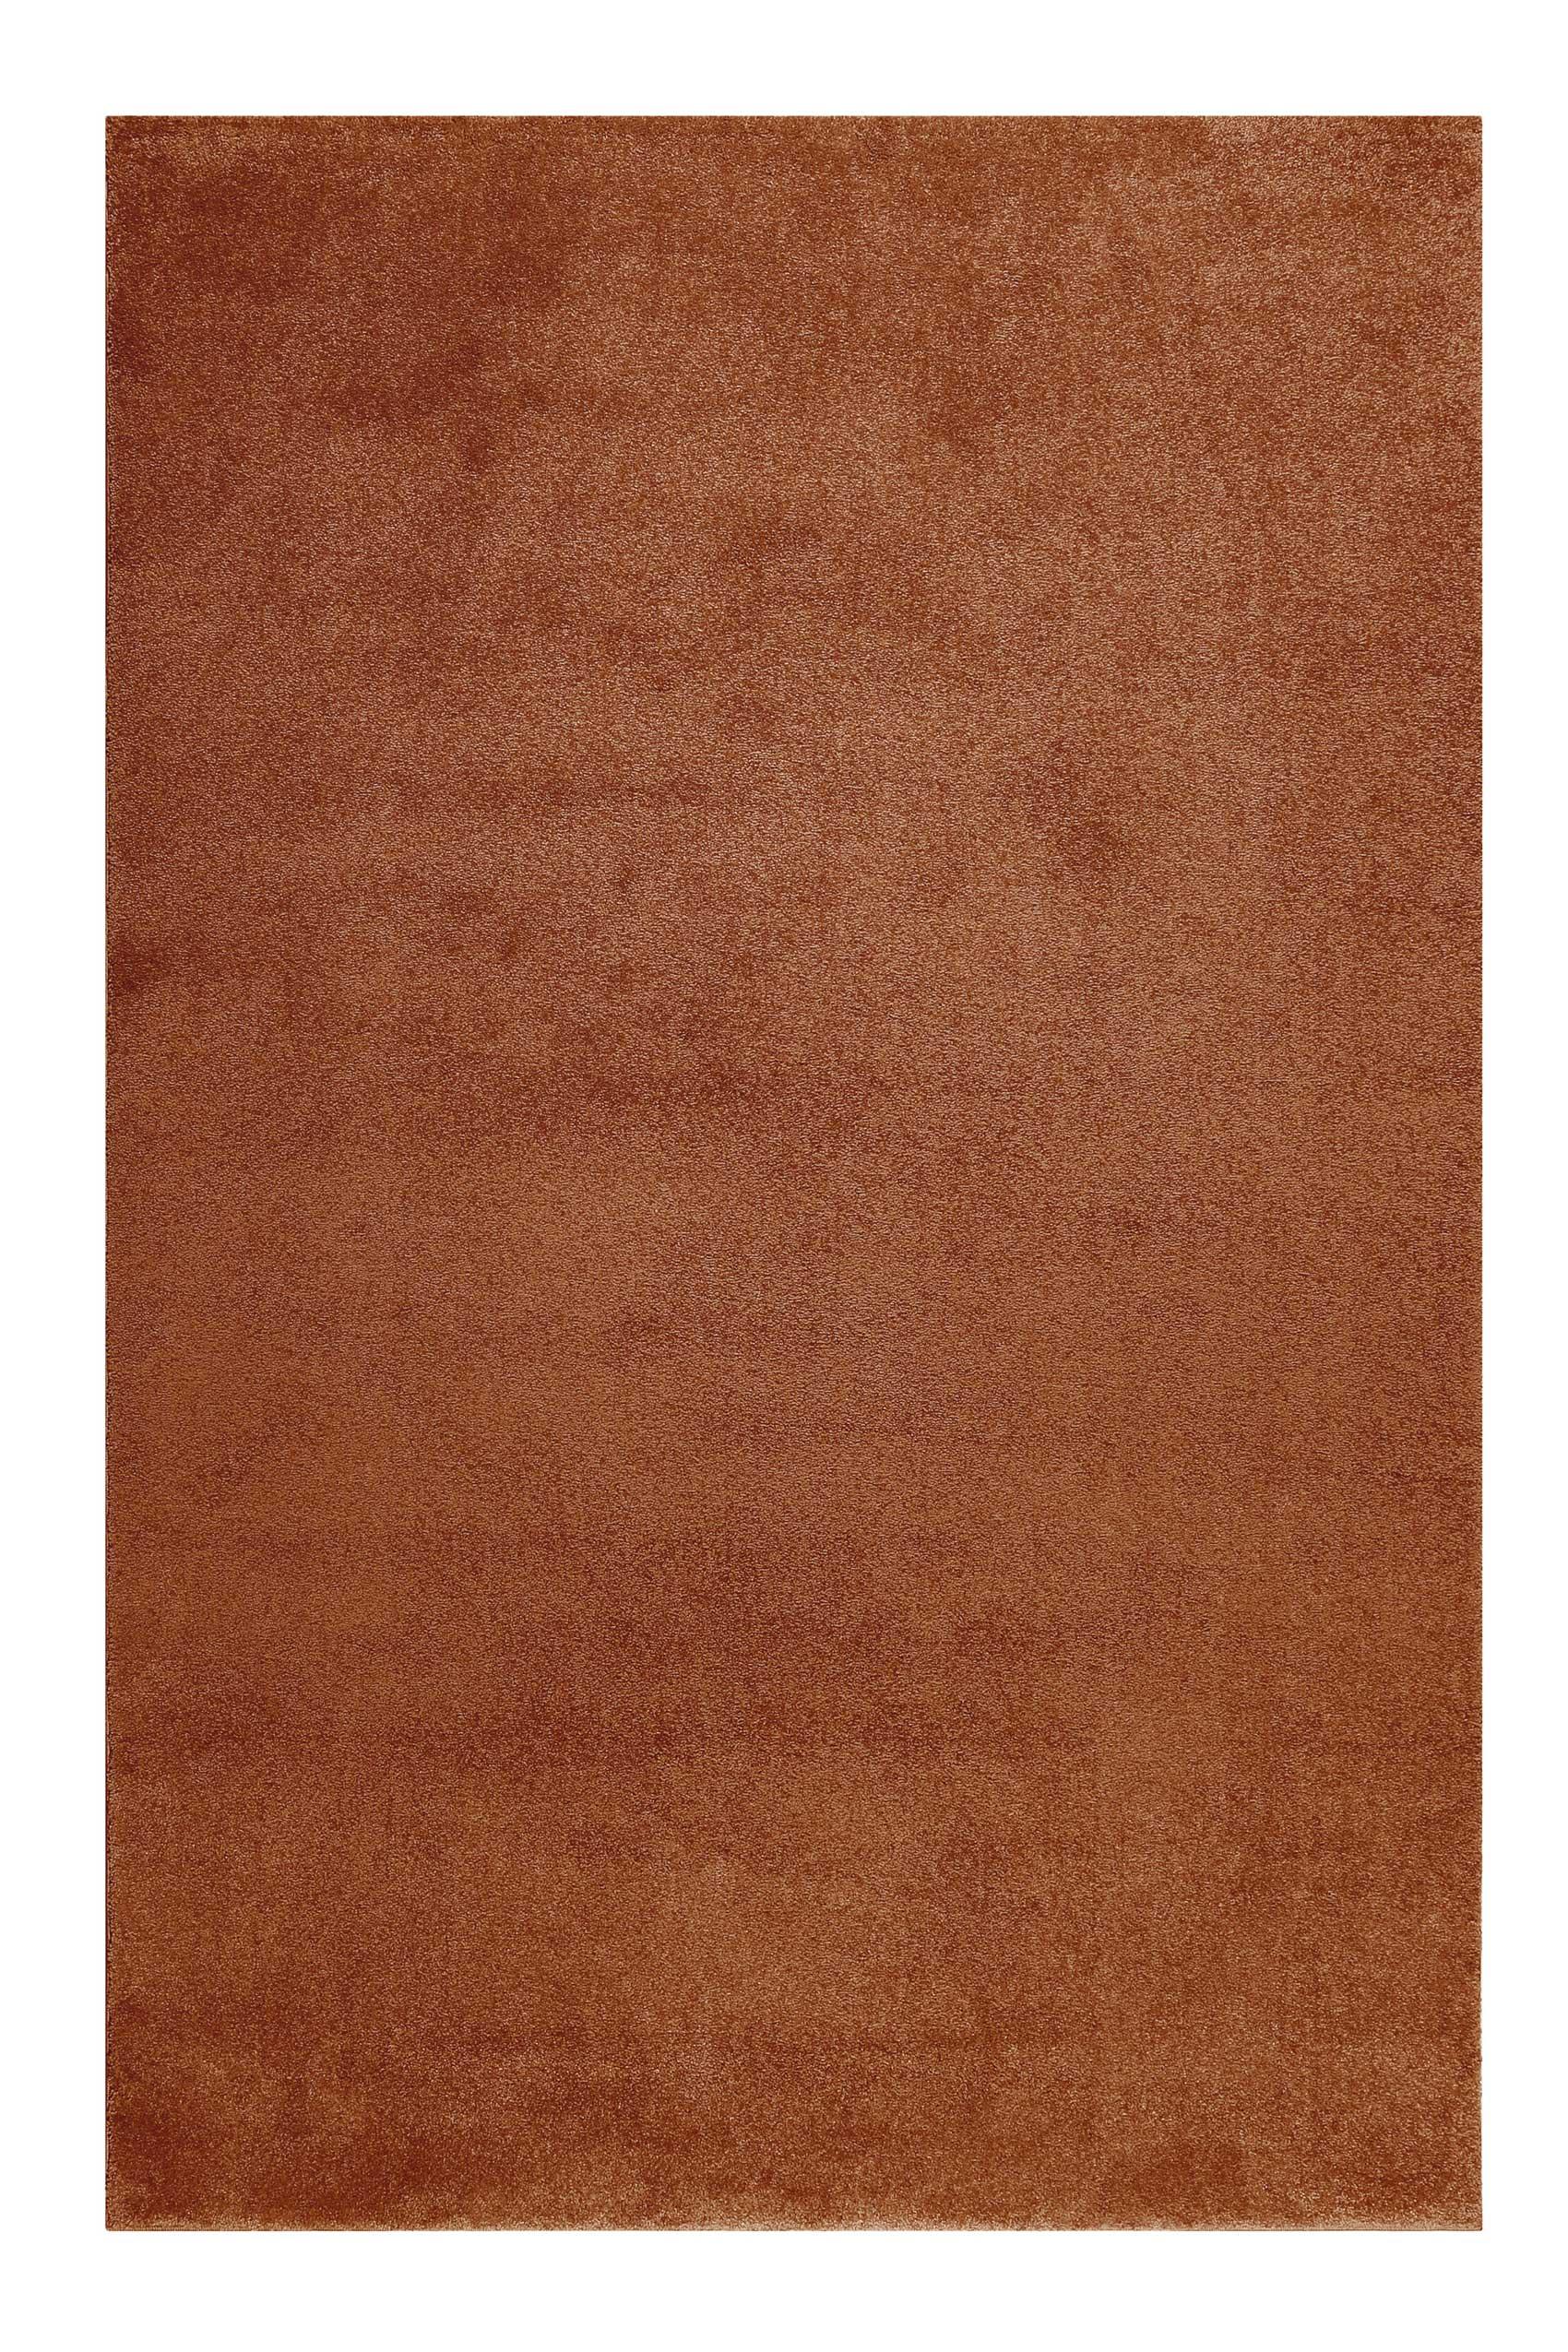 Tapis brique chiné 160x230